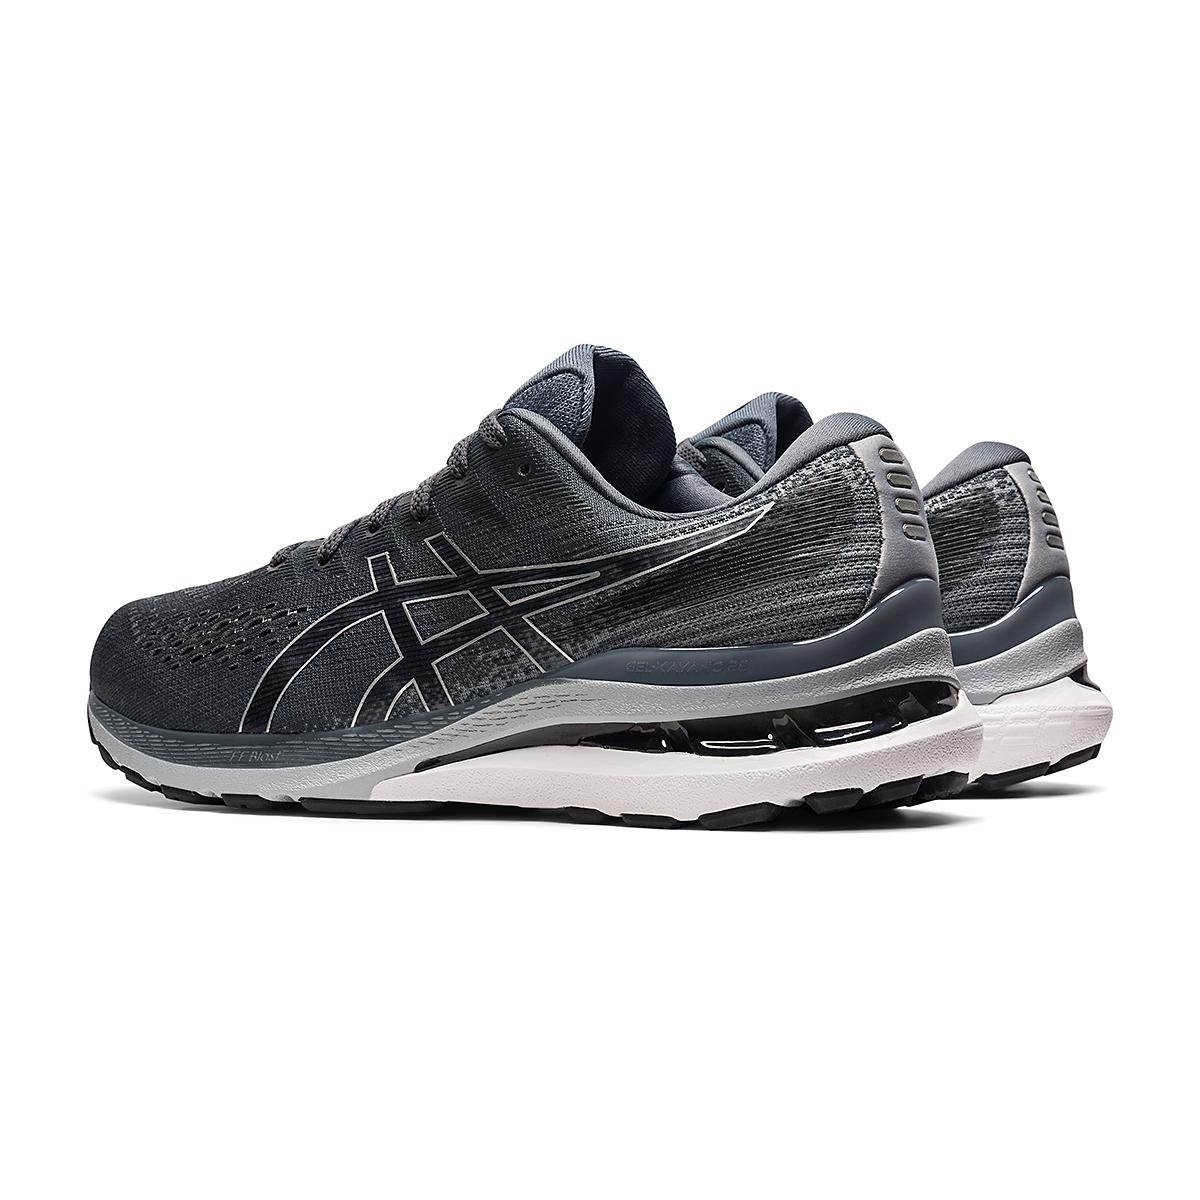 Men's Asics Gel-Kayano 28 Running Shoe - Color: Carrier Grey/Black - Size: 7 - Width: Wide, Carrier Grey/Black, large, image 4